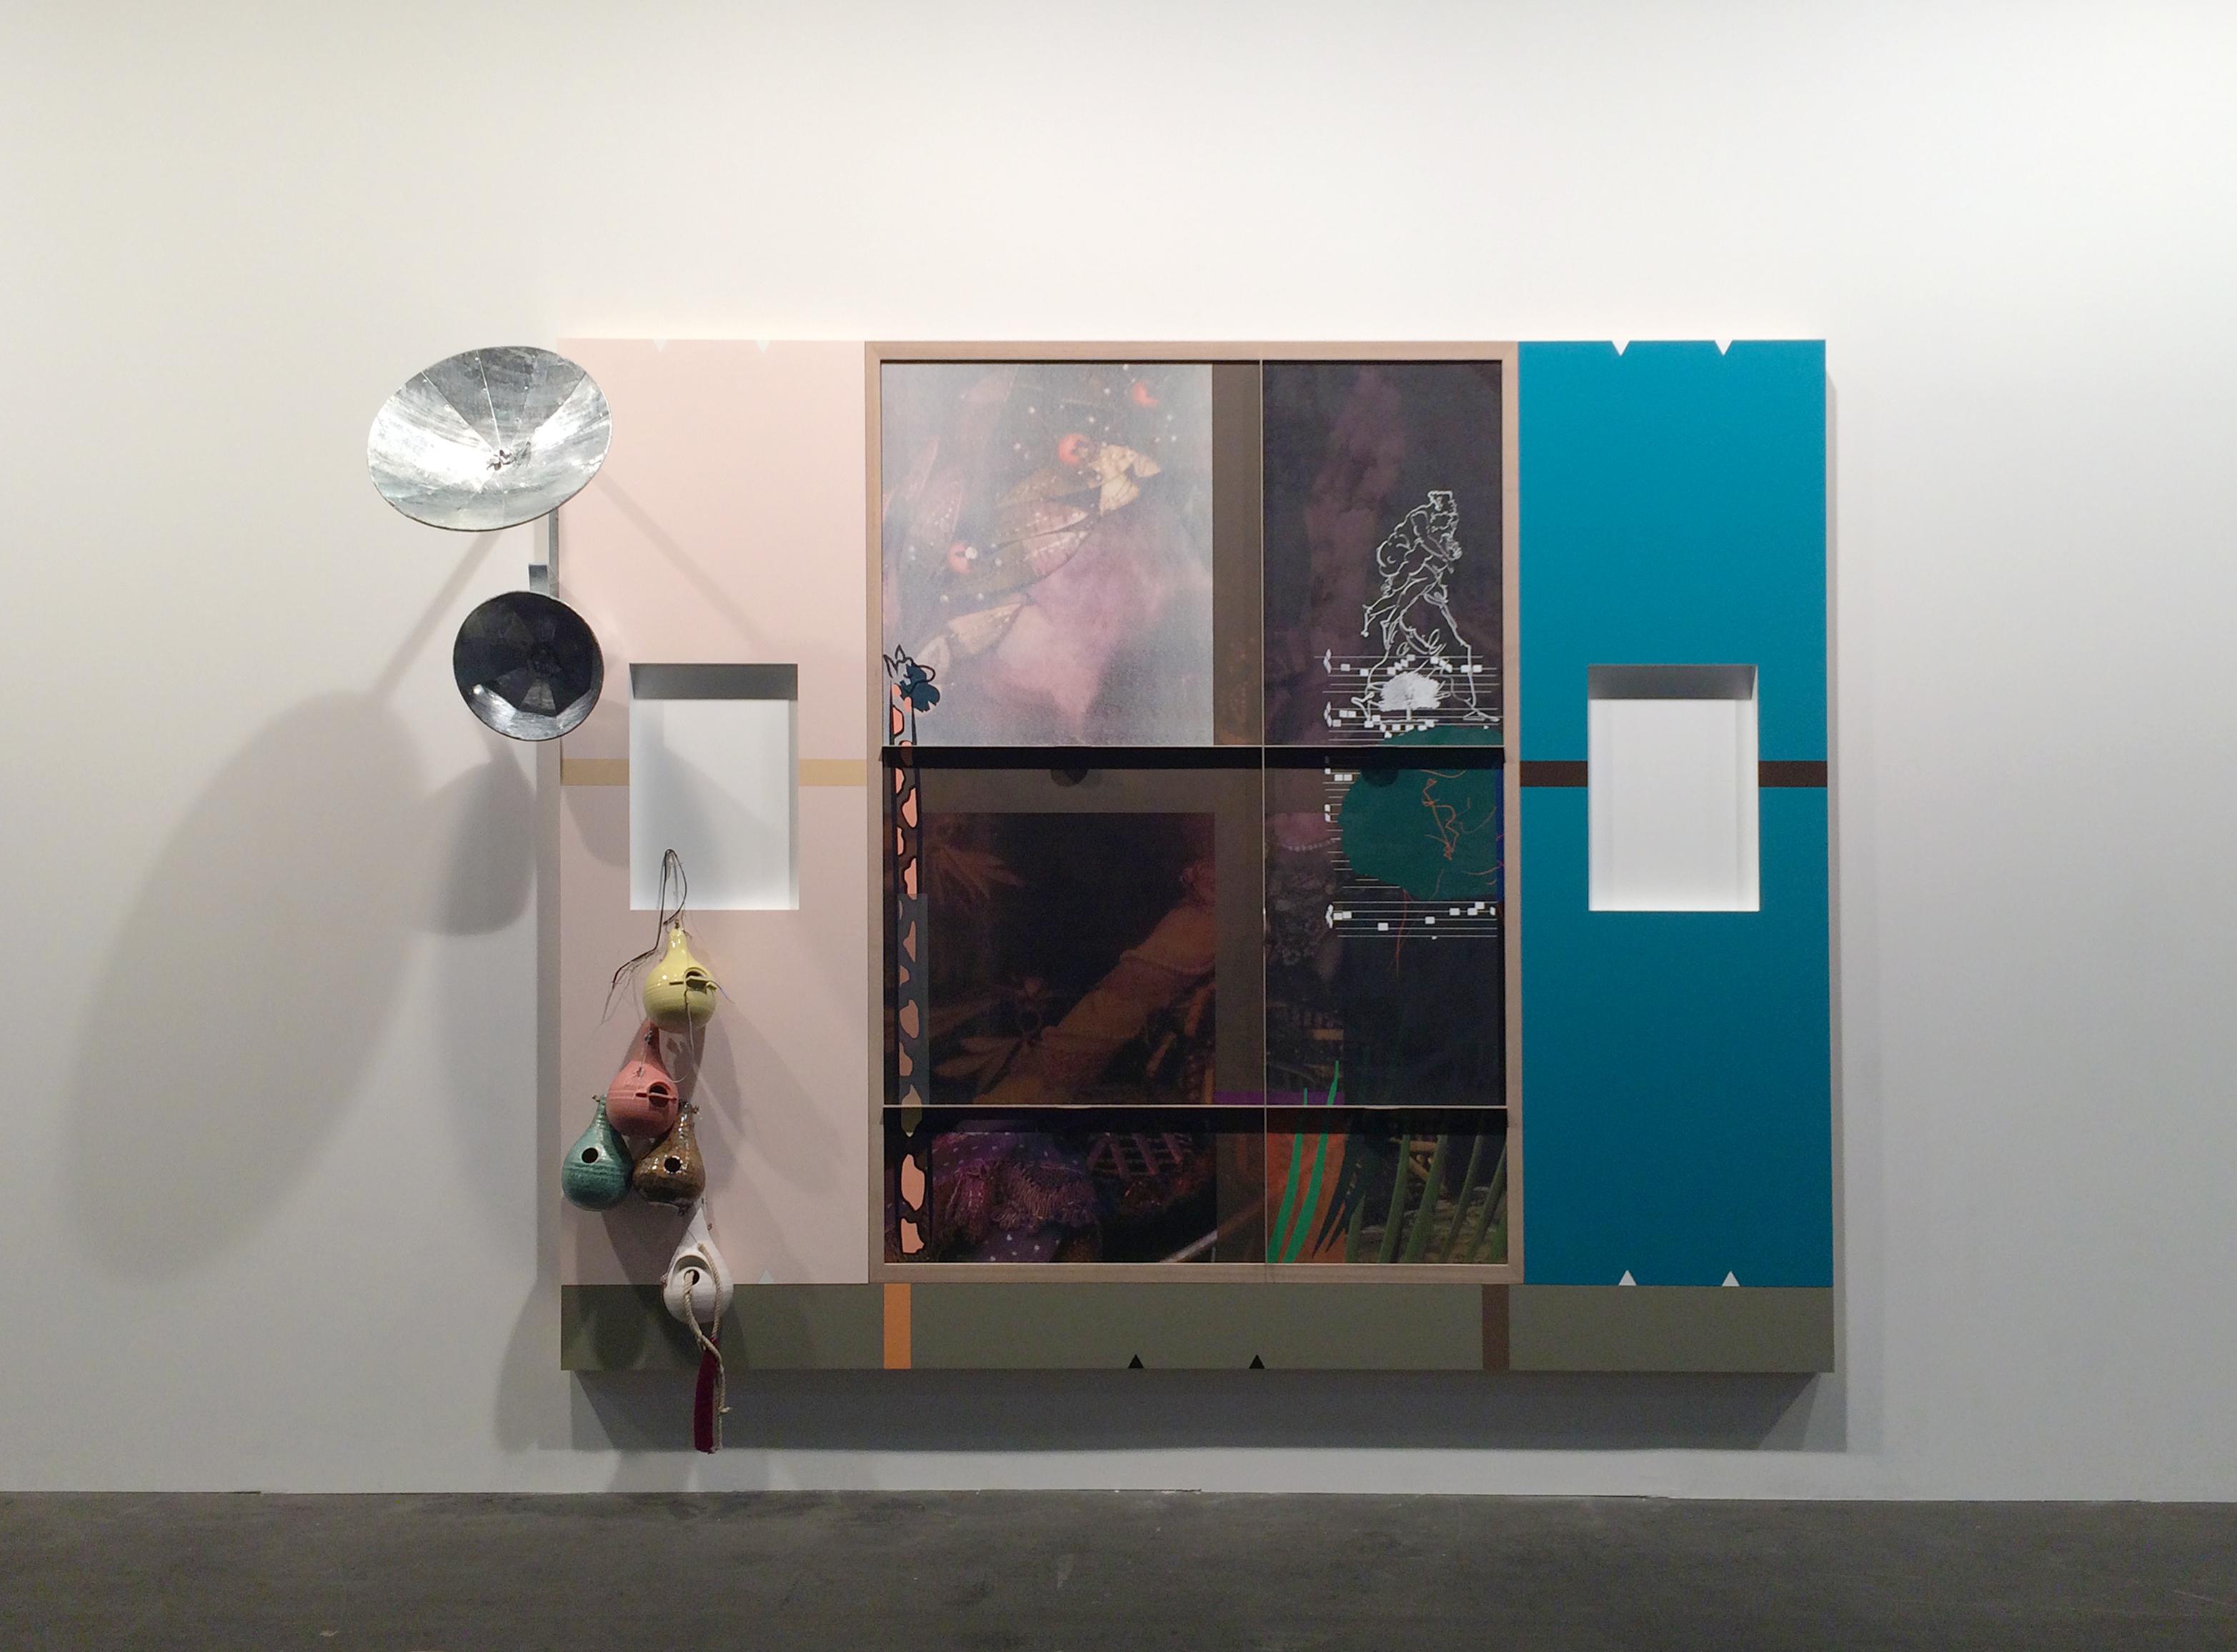 Helen Marten Art Basel